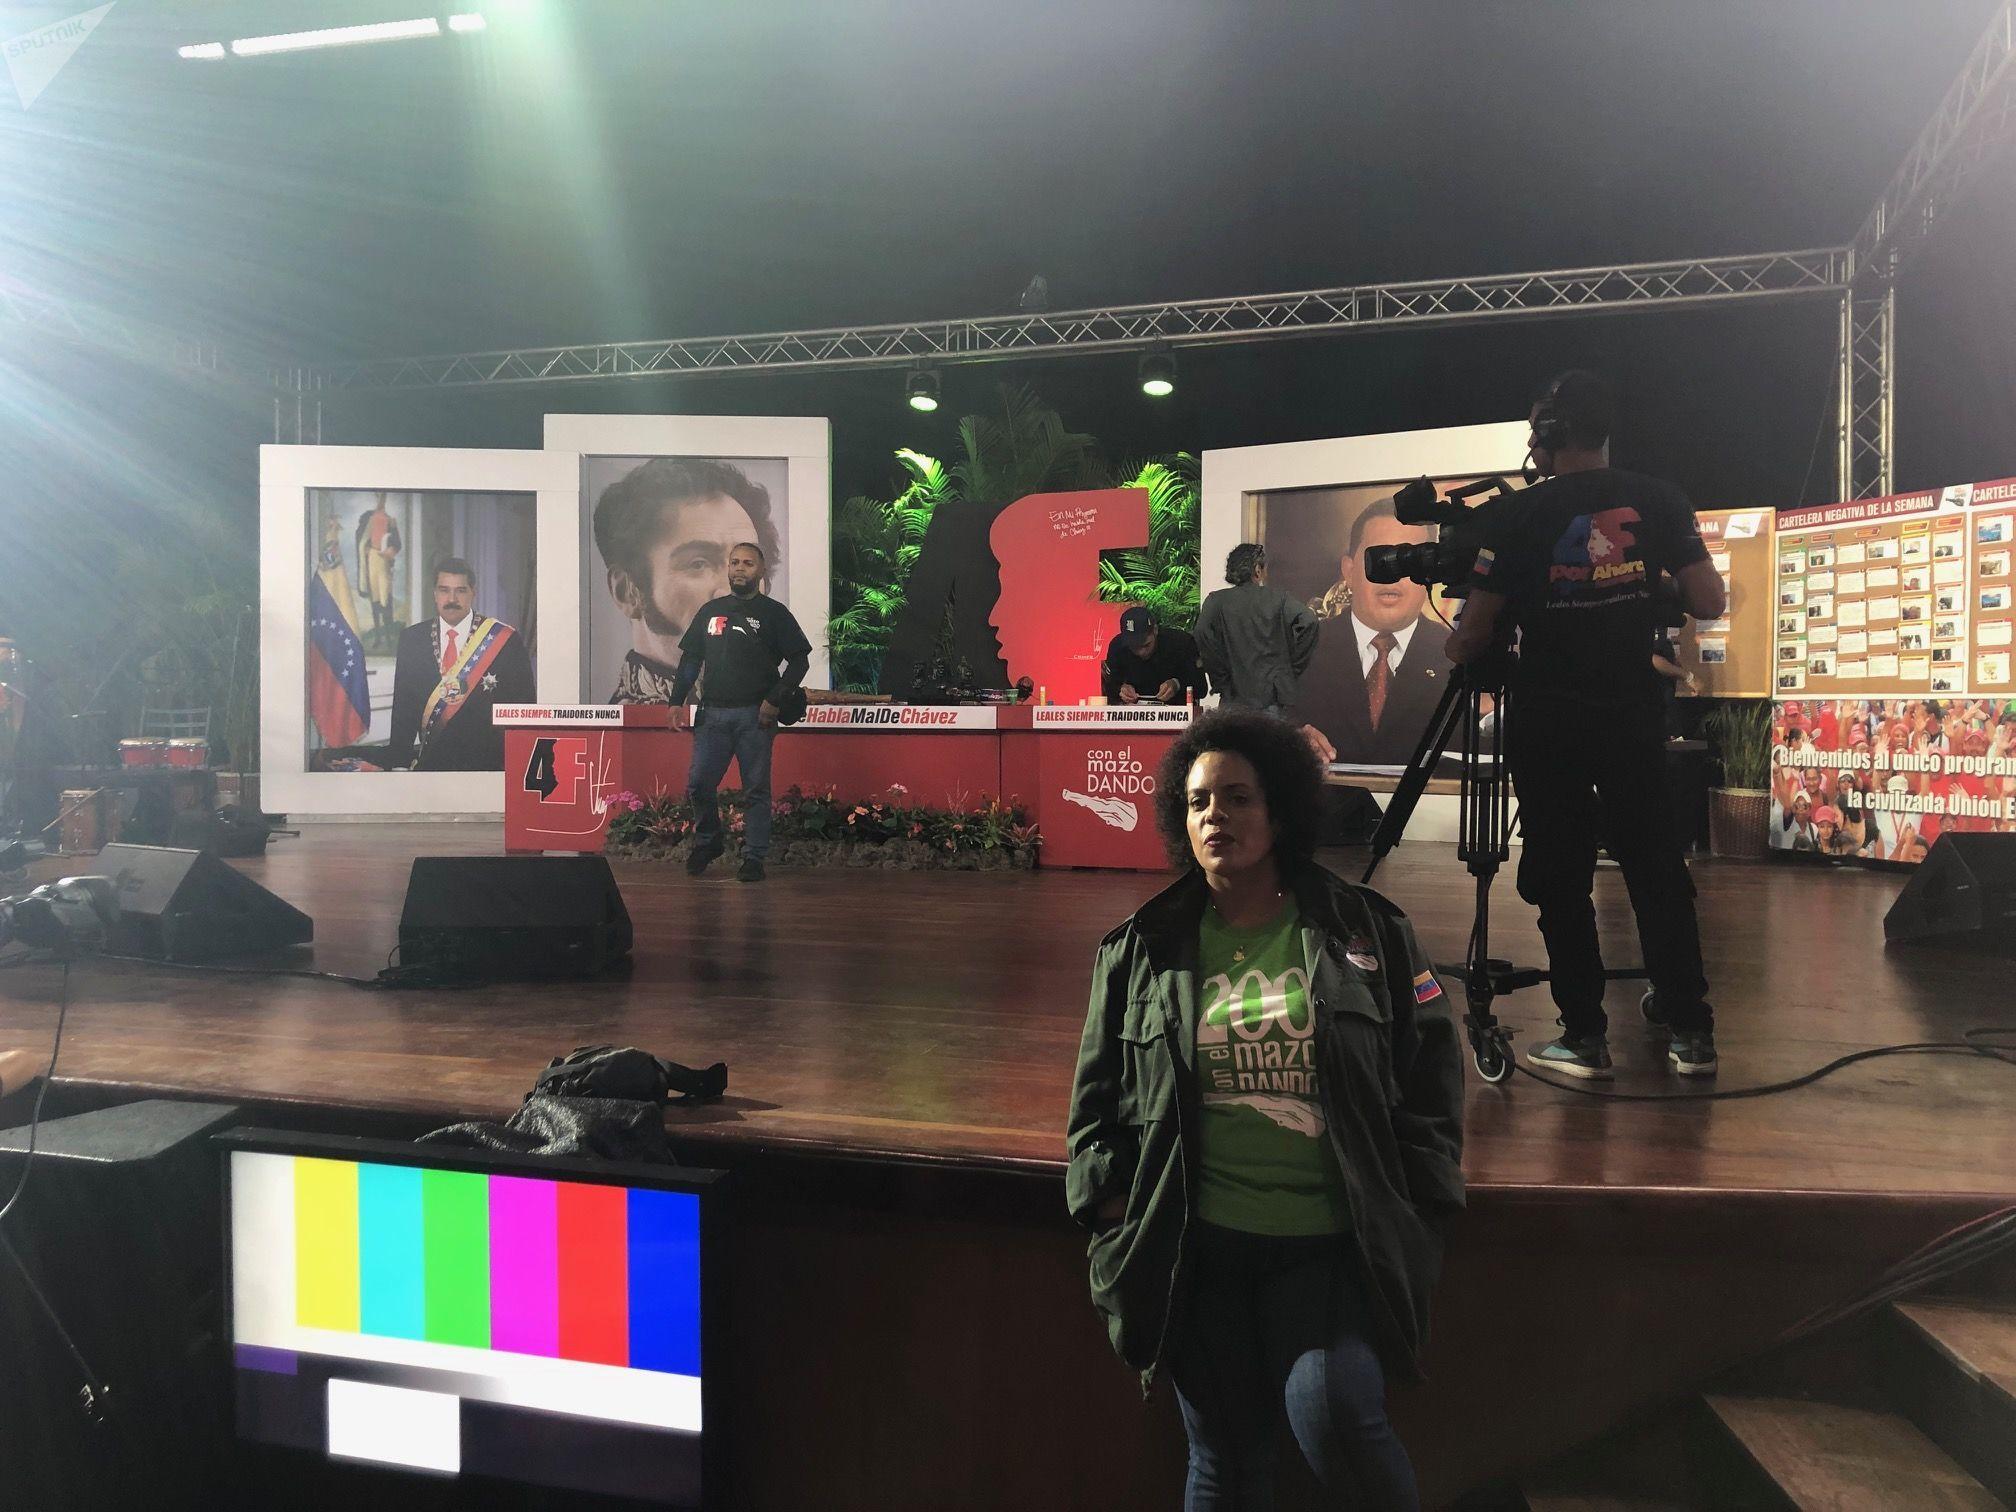 El estudio de 'Con el mazo dando', el programa de Diosdado Cabello en Venezolana de Televisión